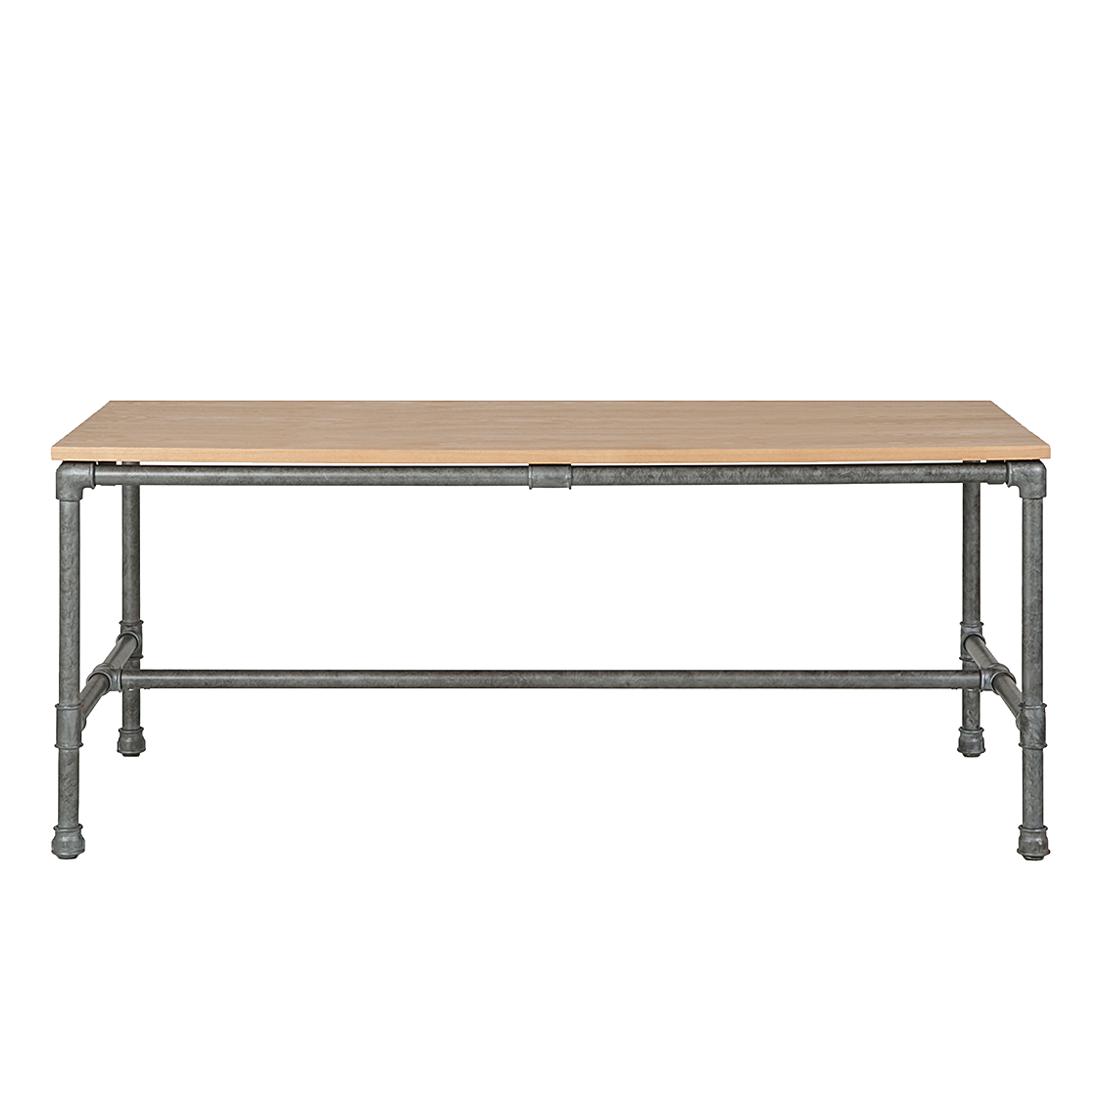 Esszimmertisch Holz Eiche : Eiche Stahl Antik Esszimmer Holz Tisch K ...